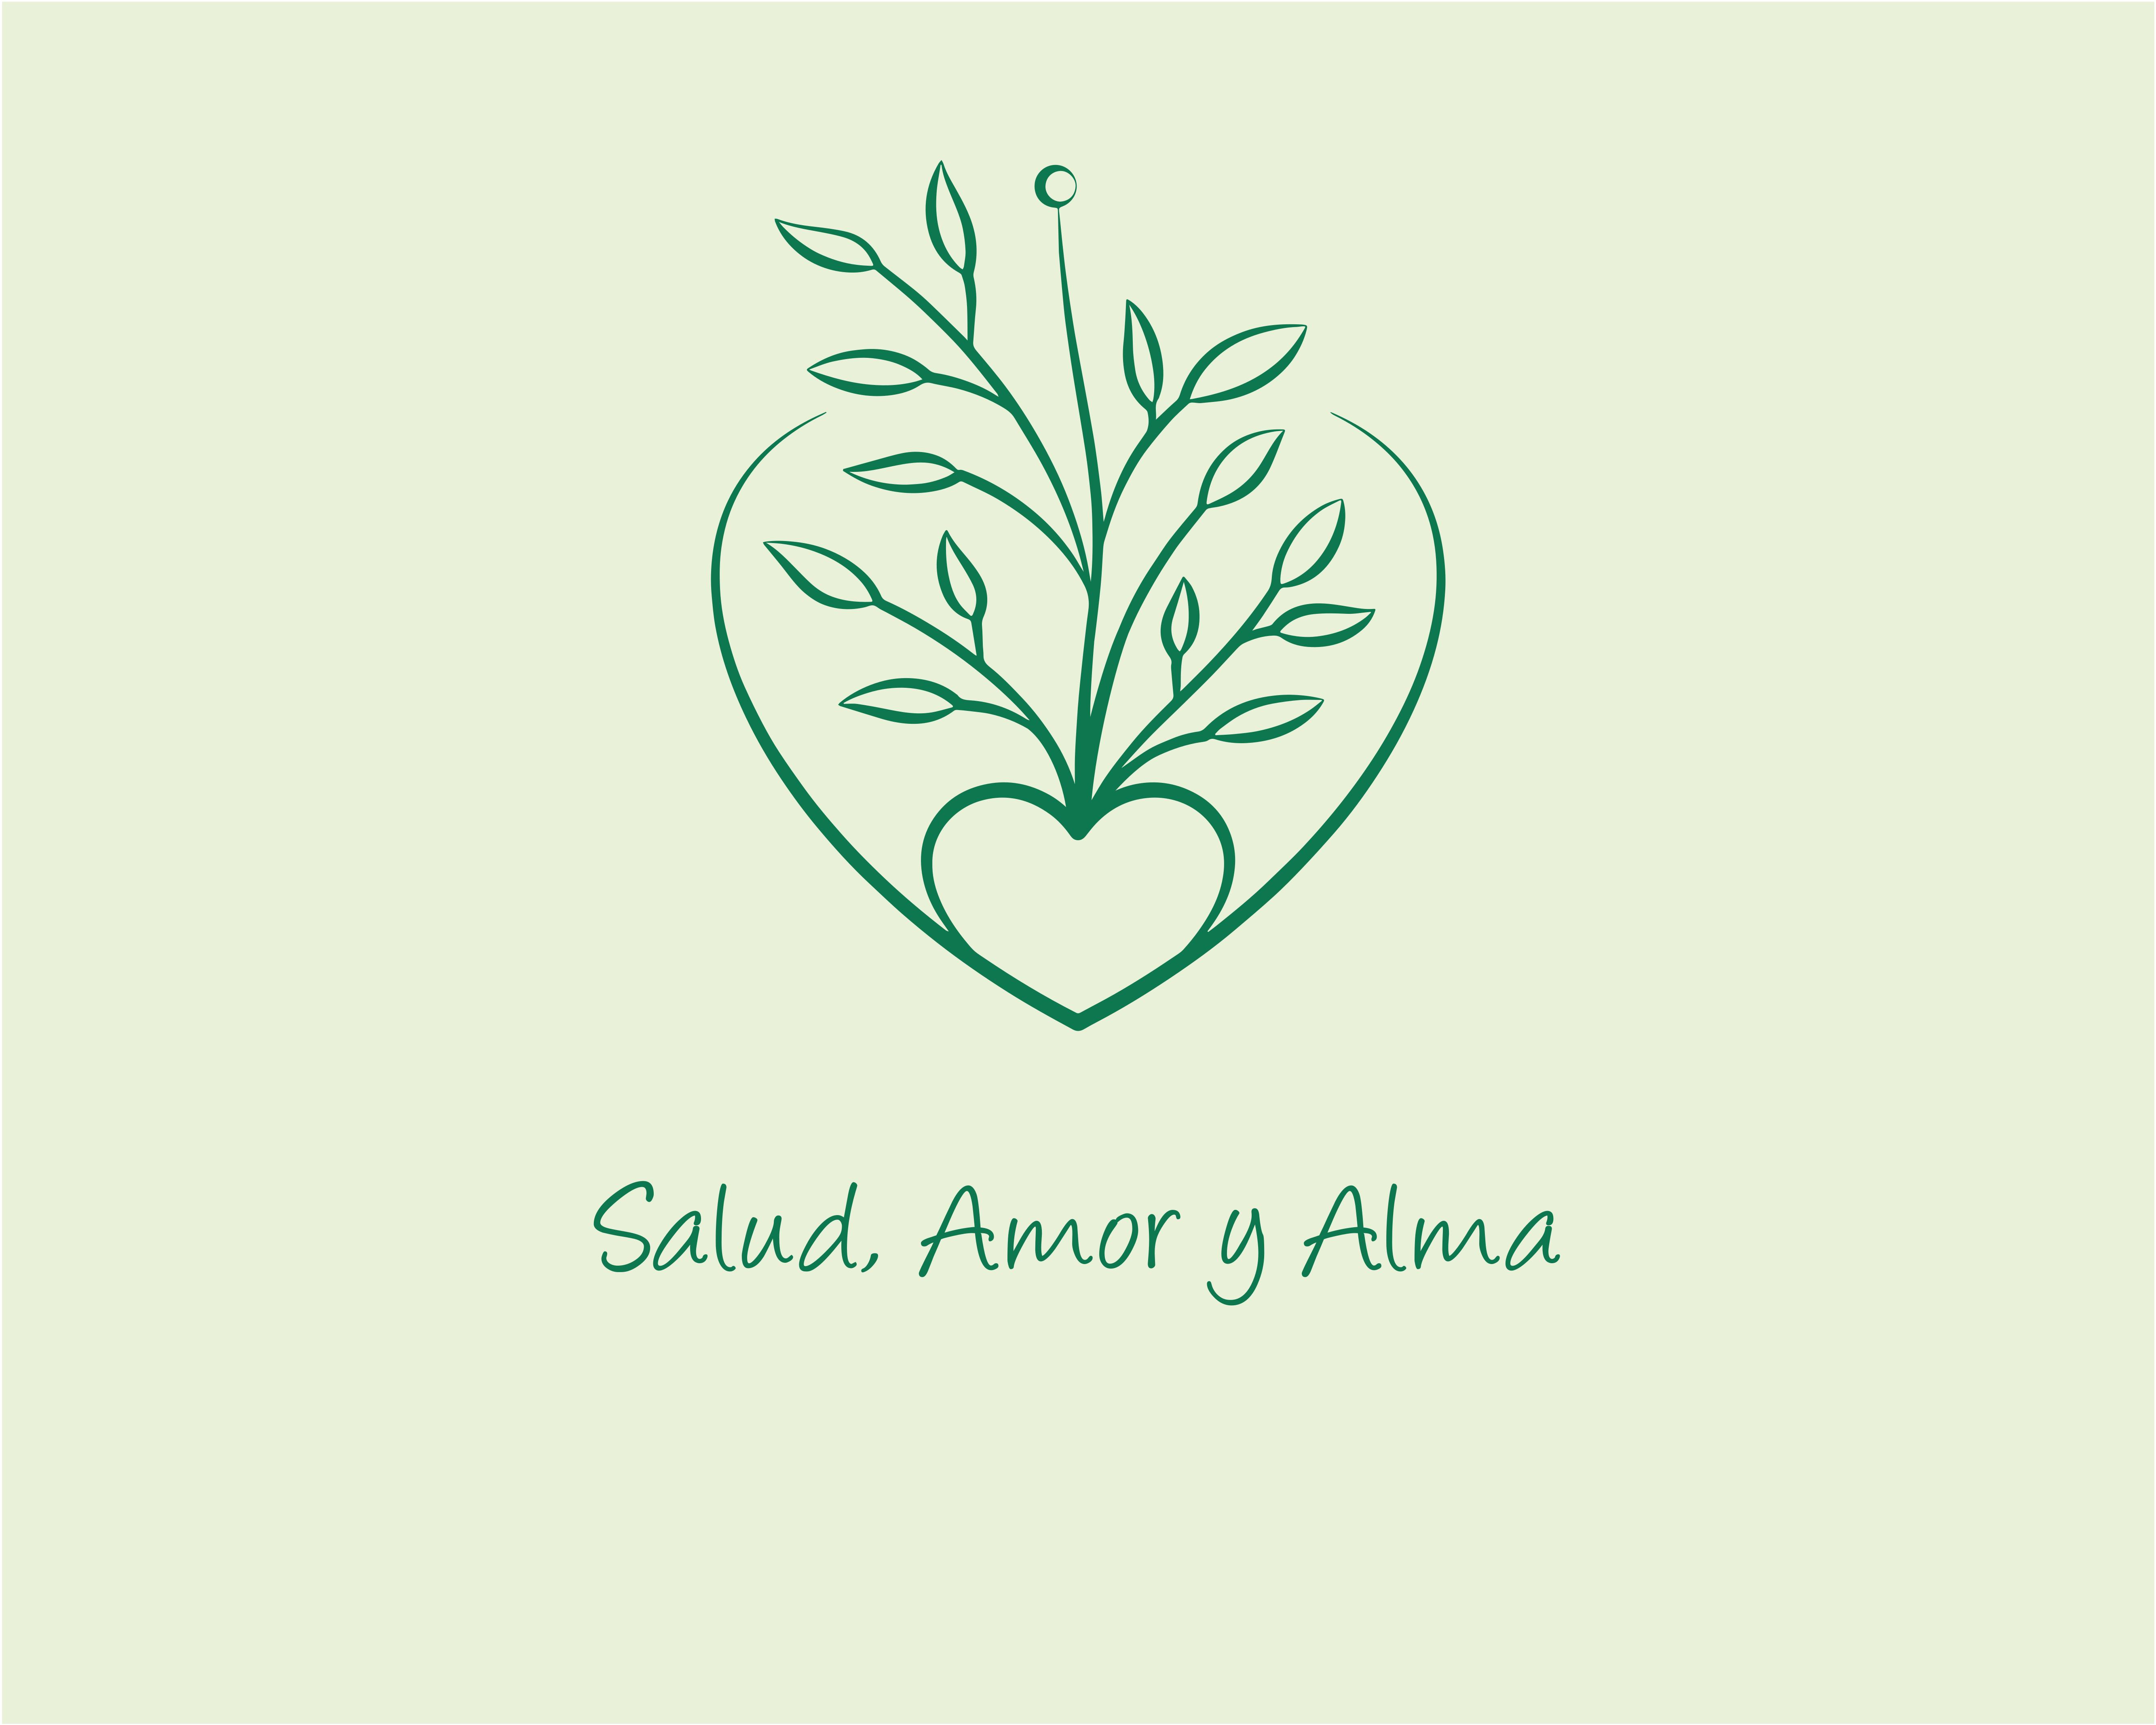 SALUD, AMOR Y ALMA